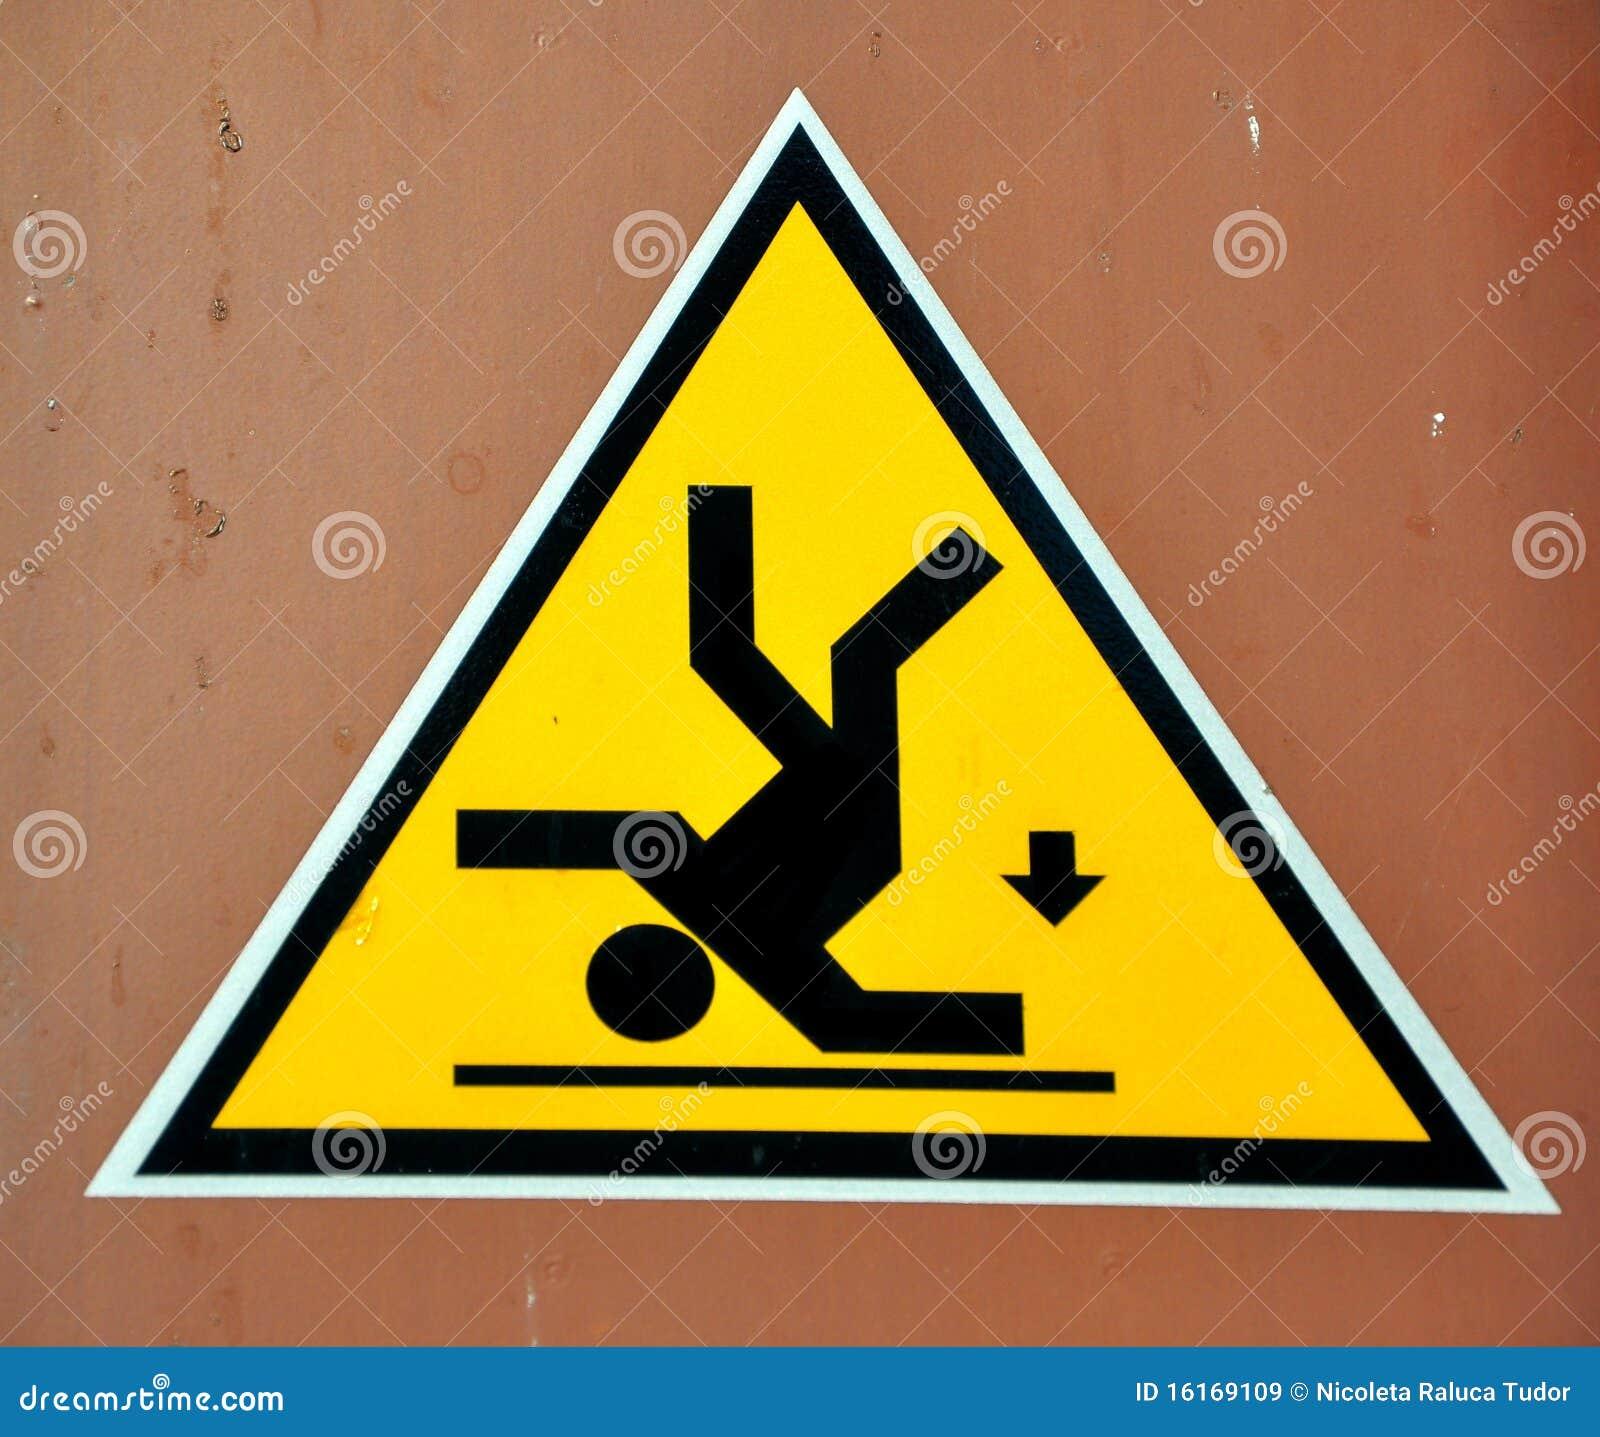 Segnale di pericolo rischio di caduta immagini stock libere da diritti immagine 16169109 - Segnale pavimento bagnato ...